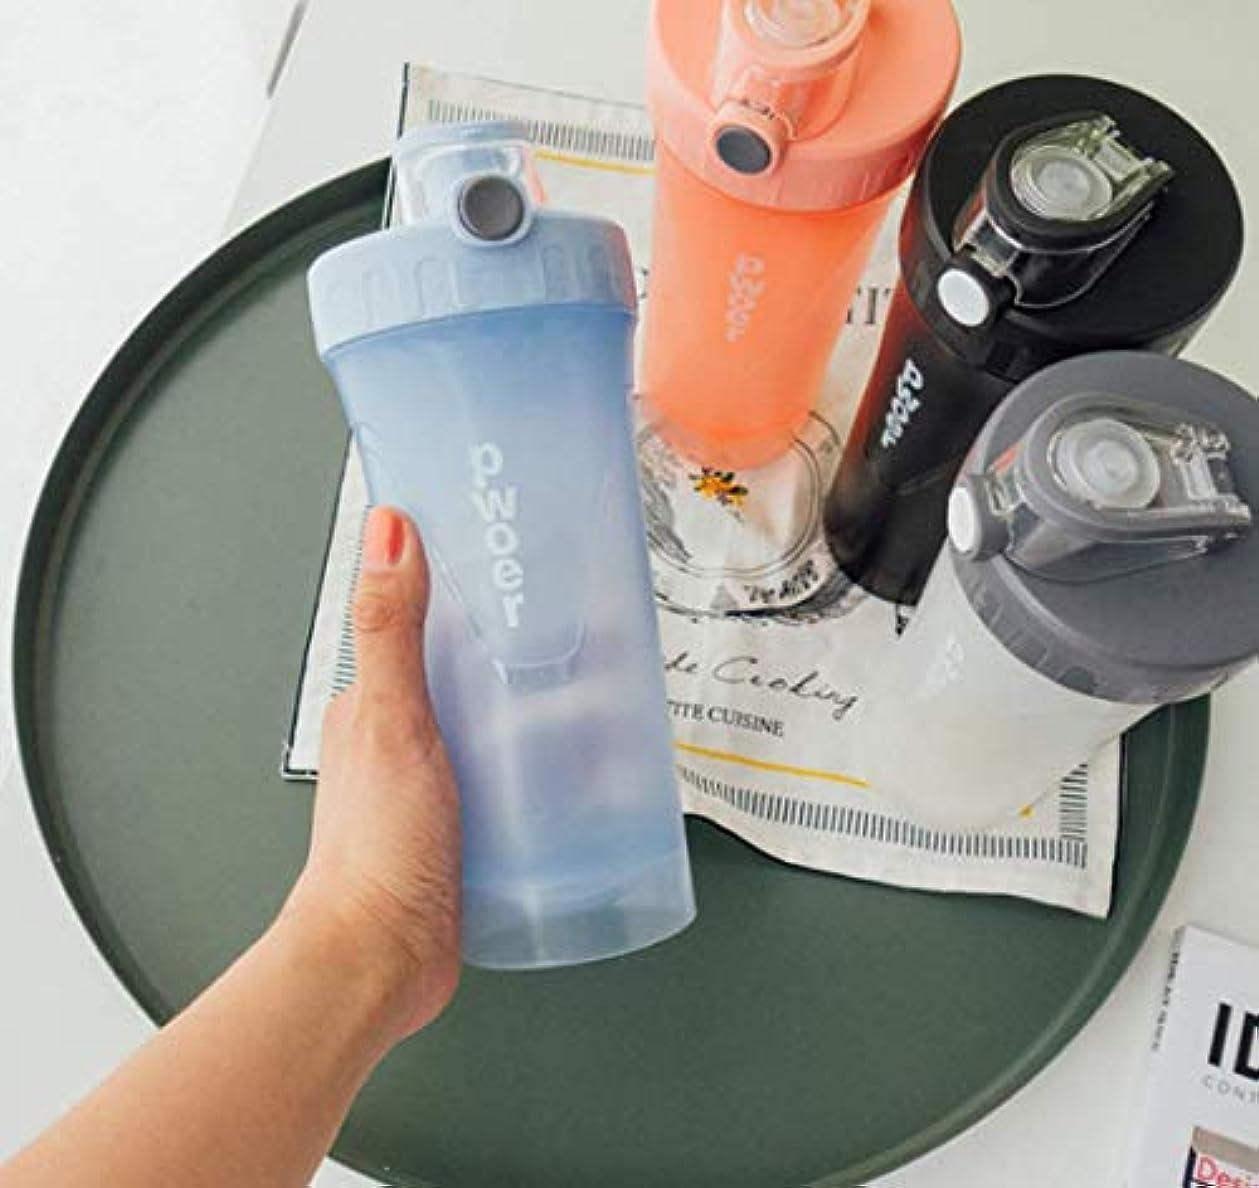 ブーム見込みバルーンプロテインシェーカー 栄養錠剤ビタミン入れ ダイエットドリンク用 タンパク質パウダーミキサーボルト 栄養補給 プロテイン 収納ケース 水筒 漏れ防止 シェーカーボトル